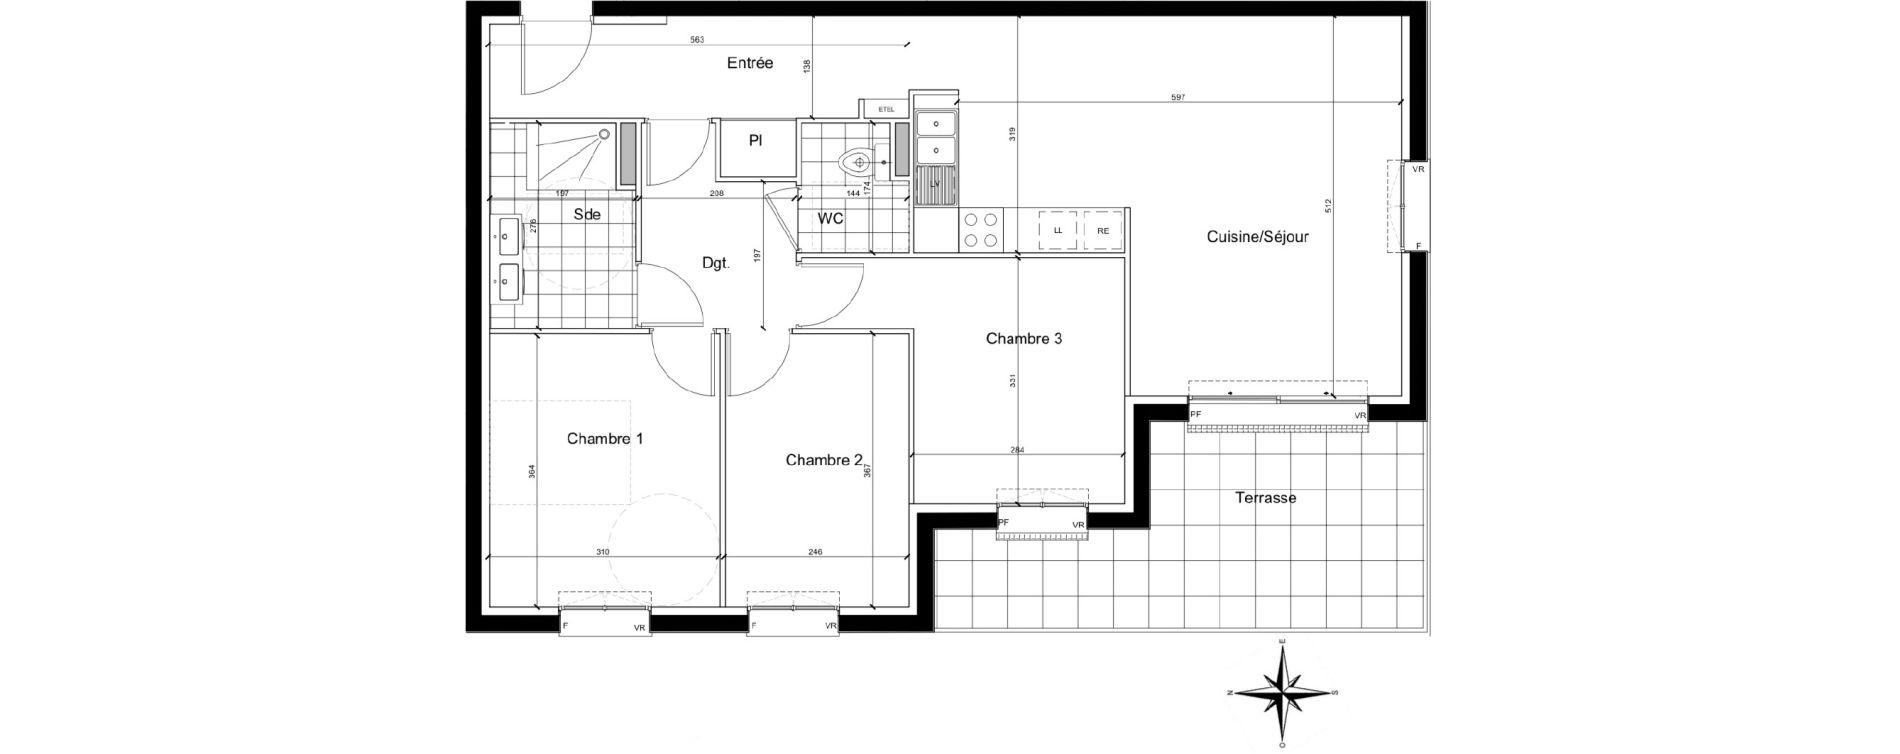 Appartement T4 de 79,69 m2 à Chartres Beaulieu - lavoisier - petits clos